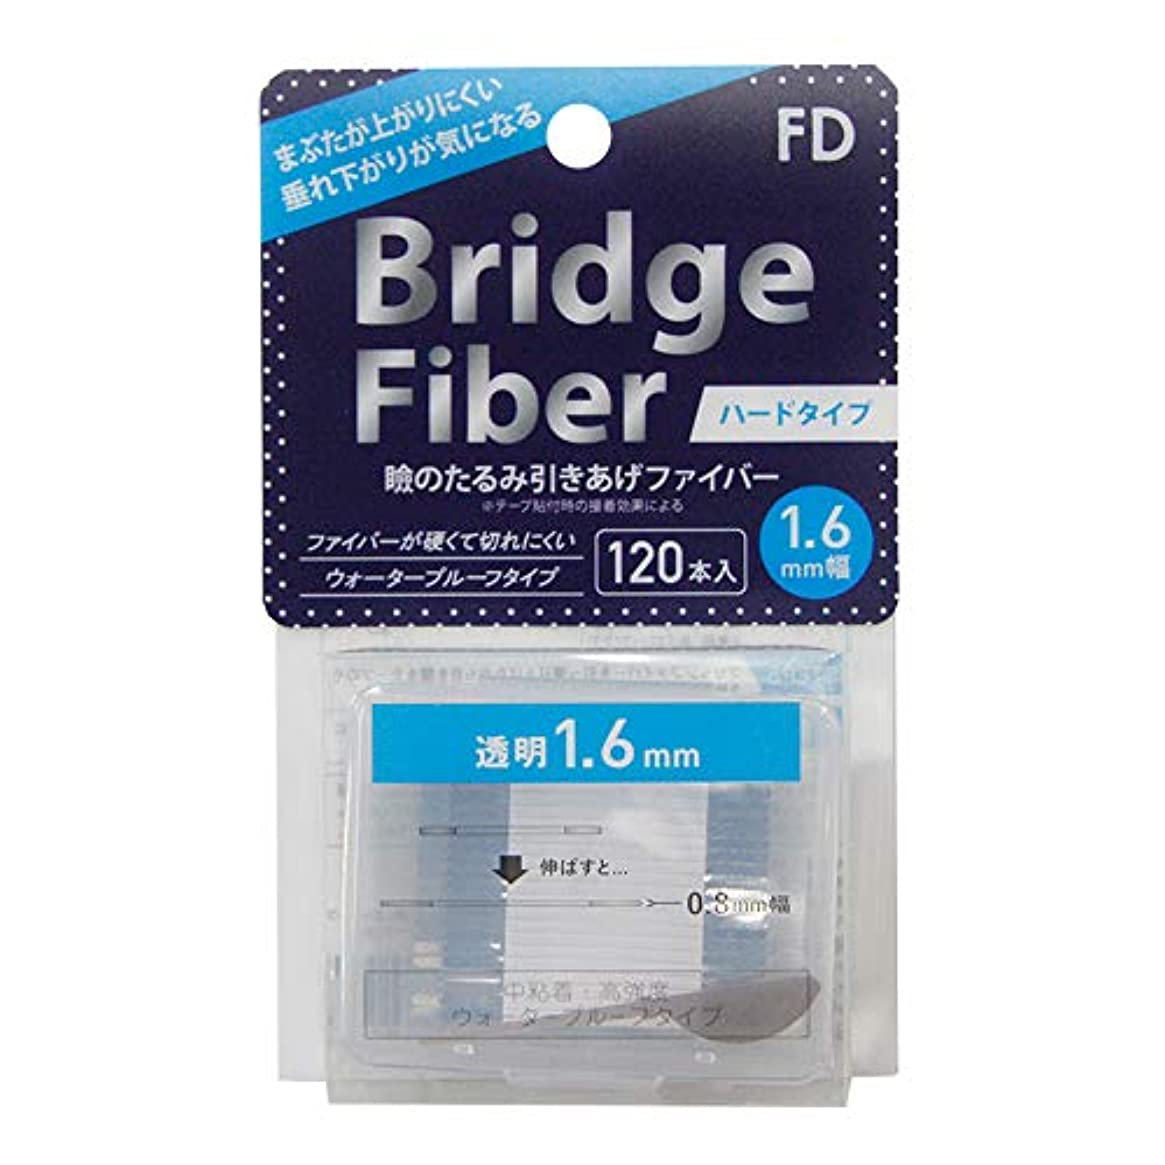 野な国歌堀FD ブリッジハードファイバー 眼瞼下垂防止テープ ハードタイプ 透明1.6mm幅 120本入り